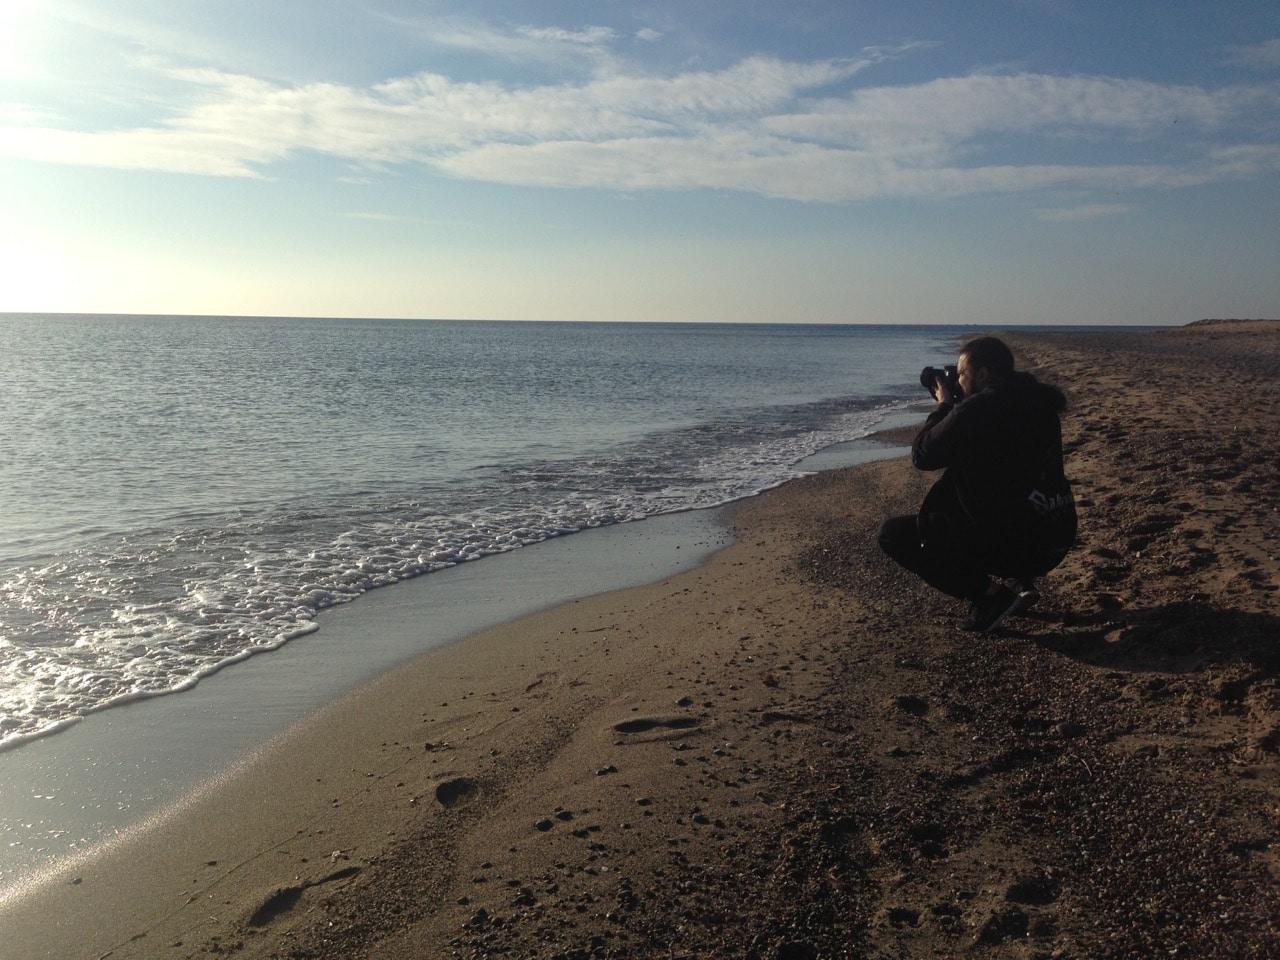 Ein Mann fotografiert hockend das Meer